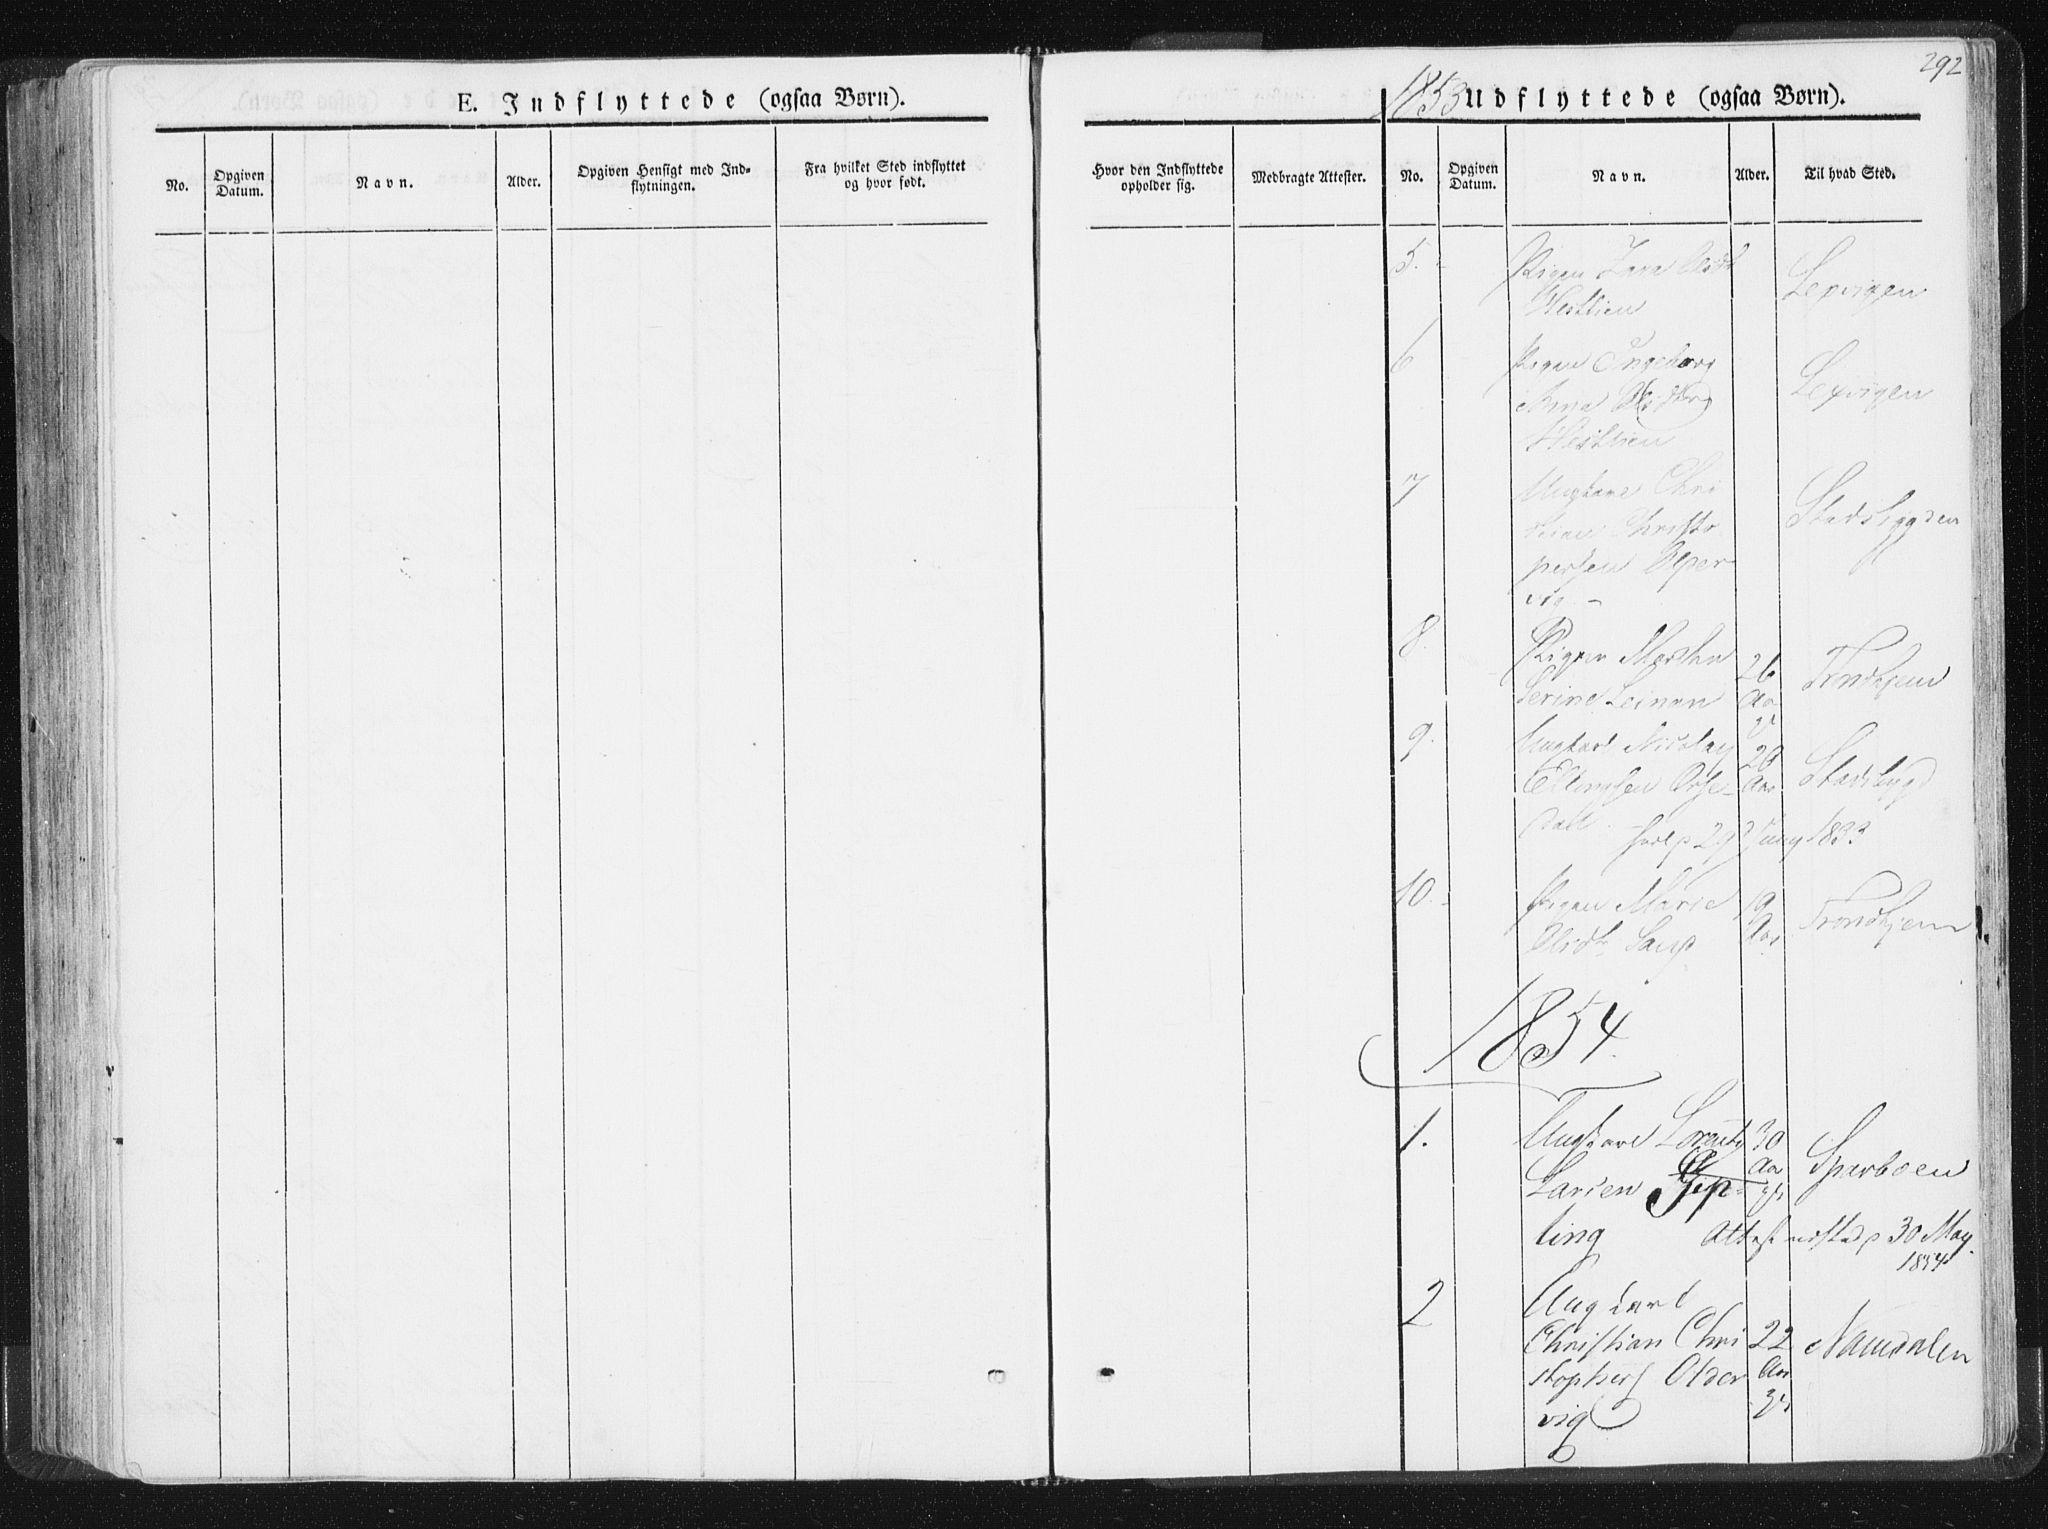 SAT, Ministerialprotokoller, klokkerbøker og fødselsregistre - Nord-Trøndelag, 744/L0418: Ministerialbok nr. 744A02, 1843-1866, s. 292